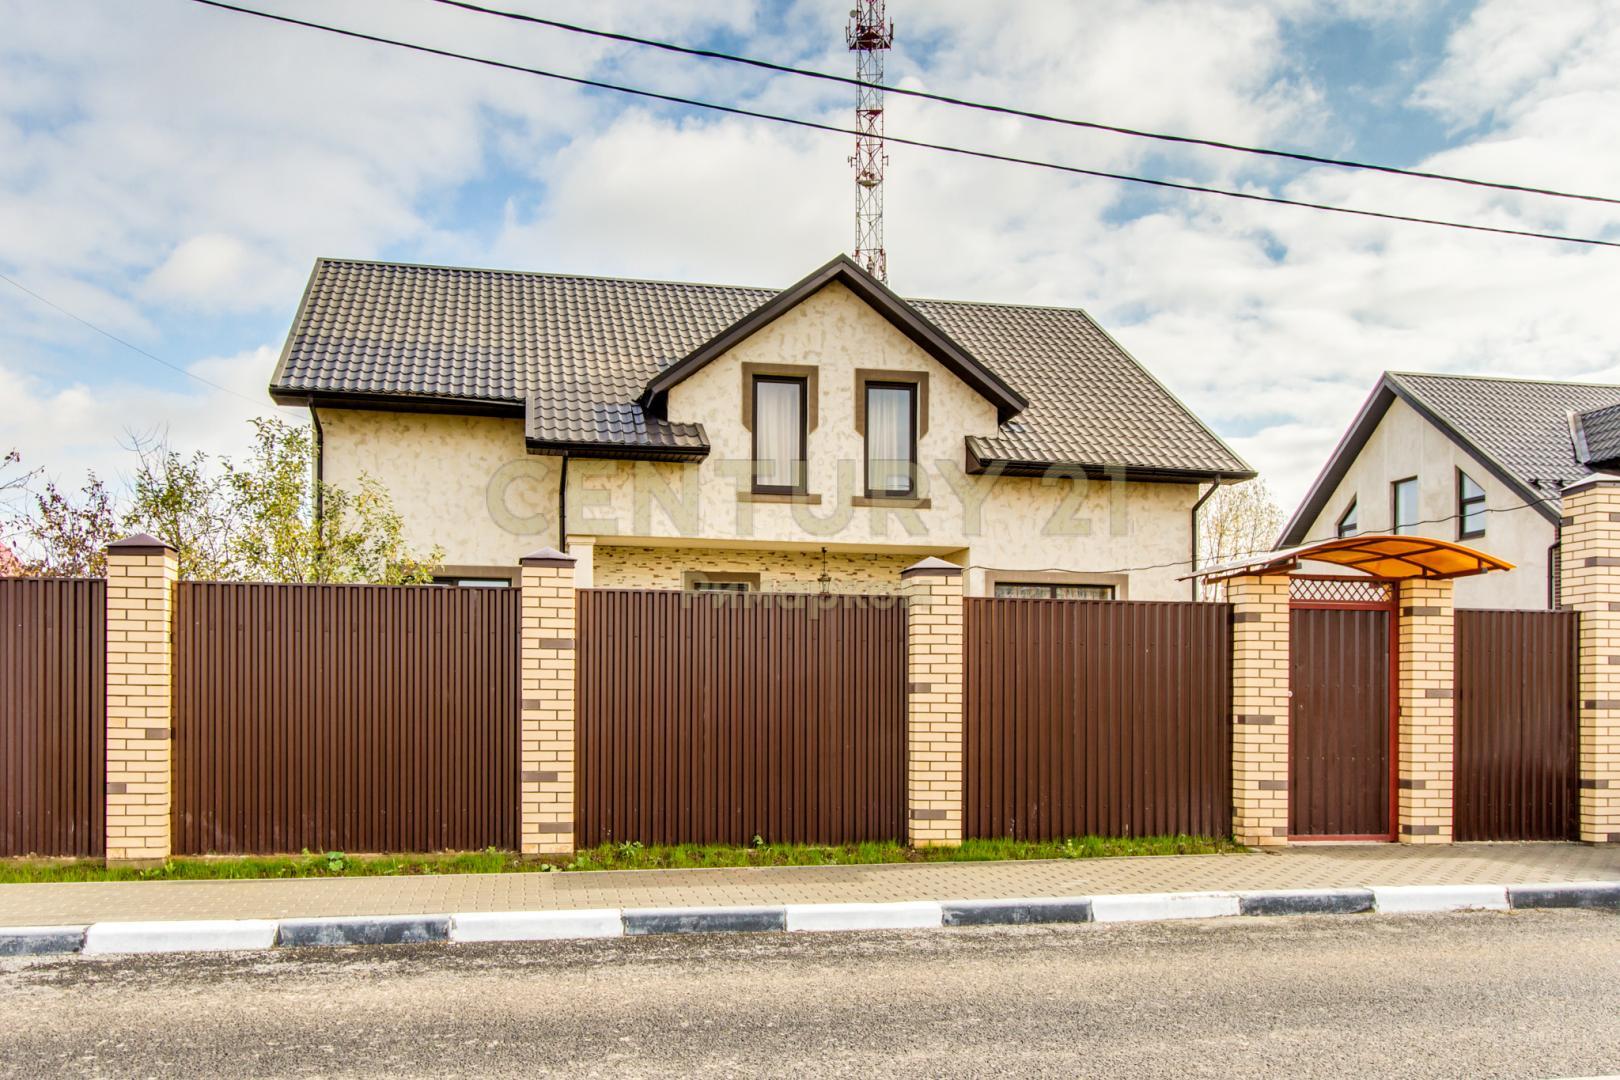 Продам дом по адресу Россия, Москва и Московская область, Ленинский городской округ, Мисайлово, Первомайская улица, 84Б фото 20 по выгодной цене